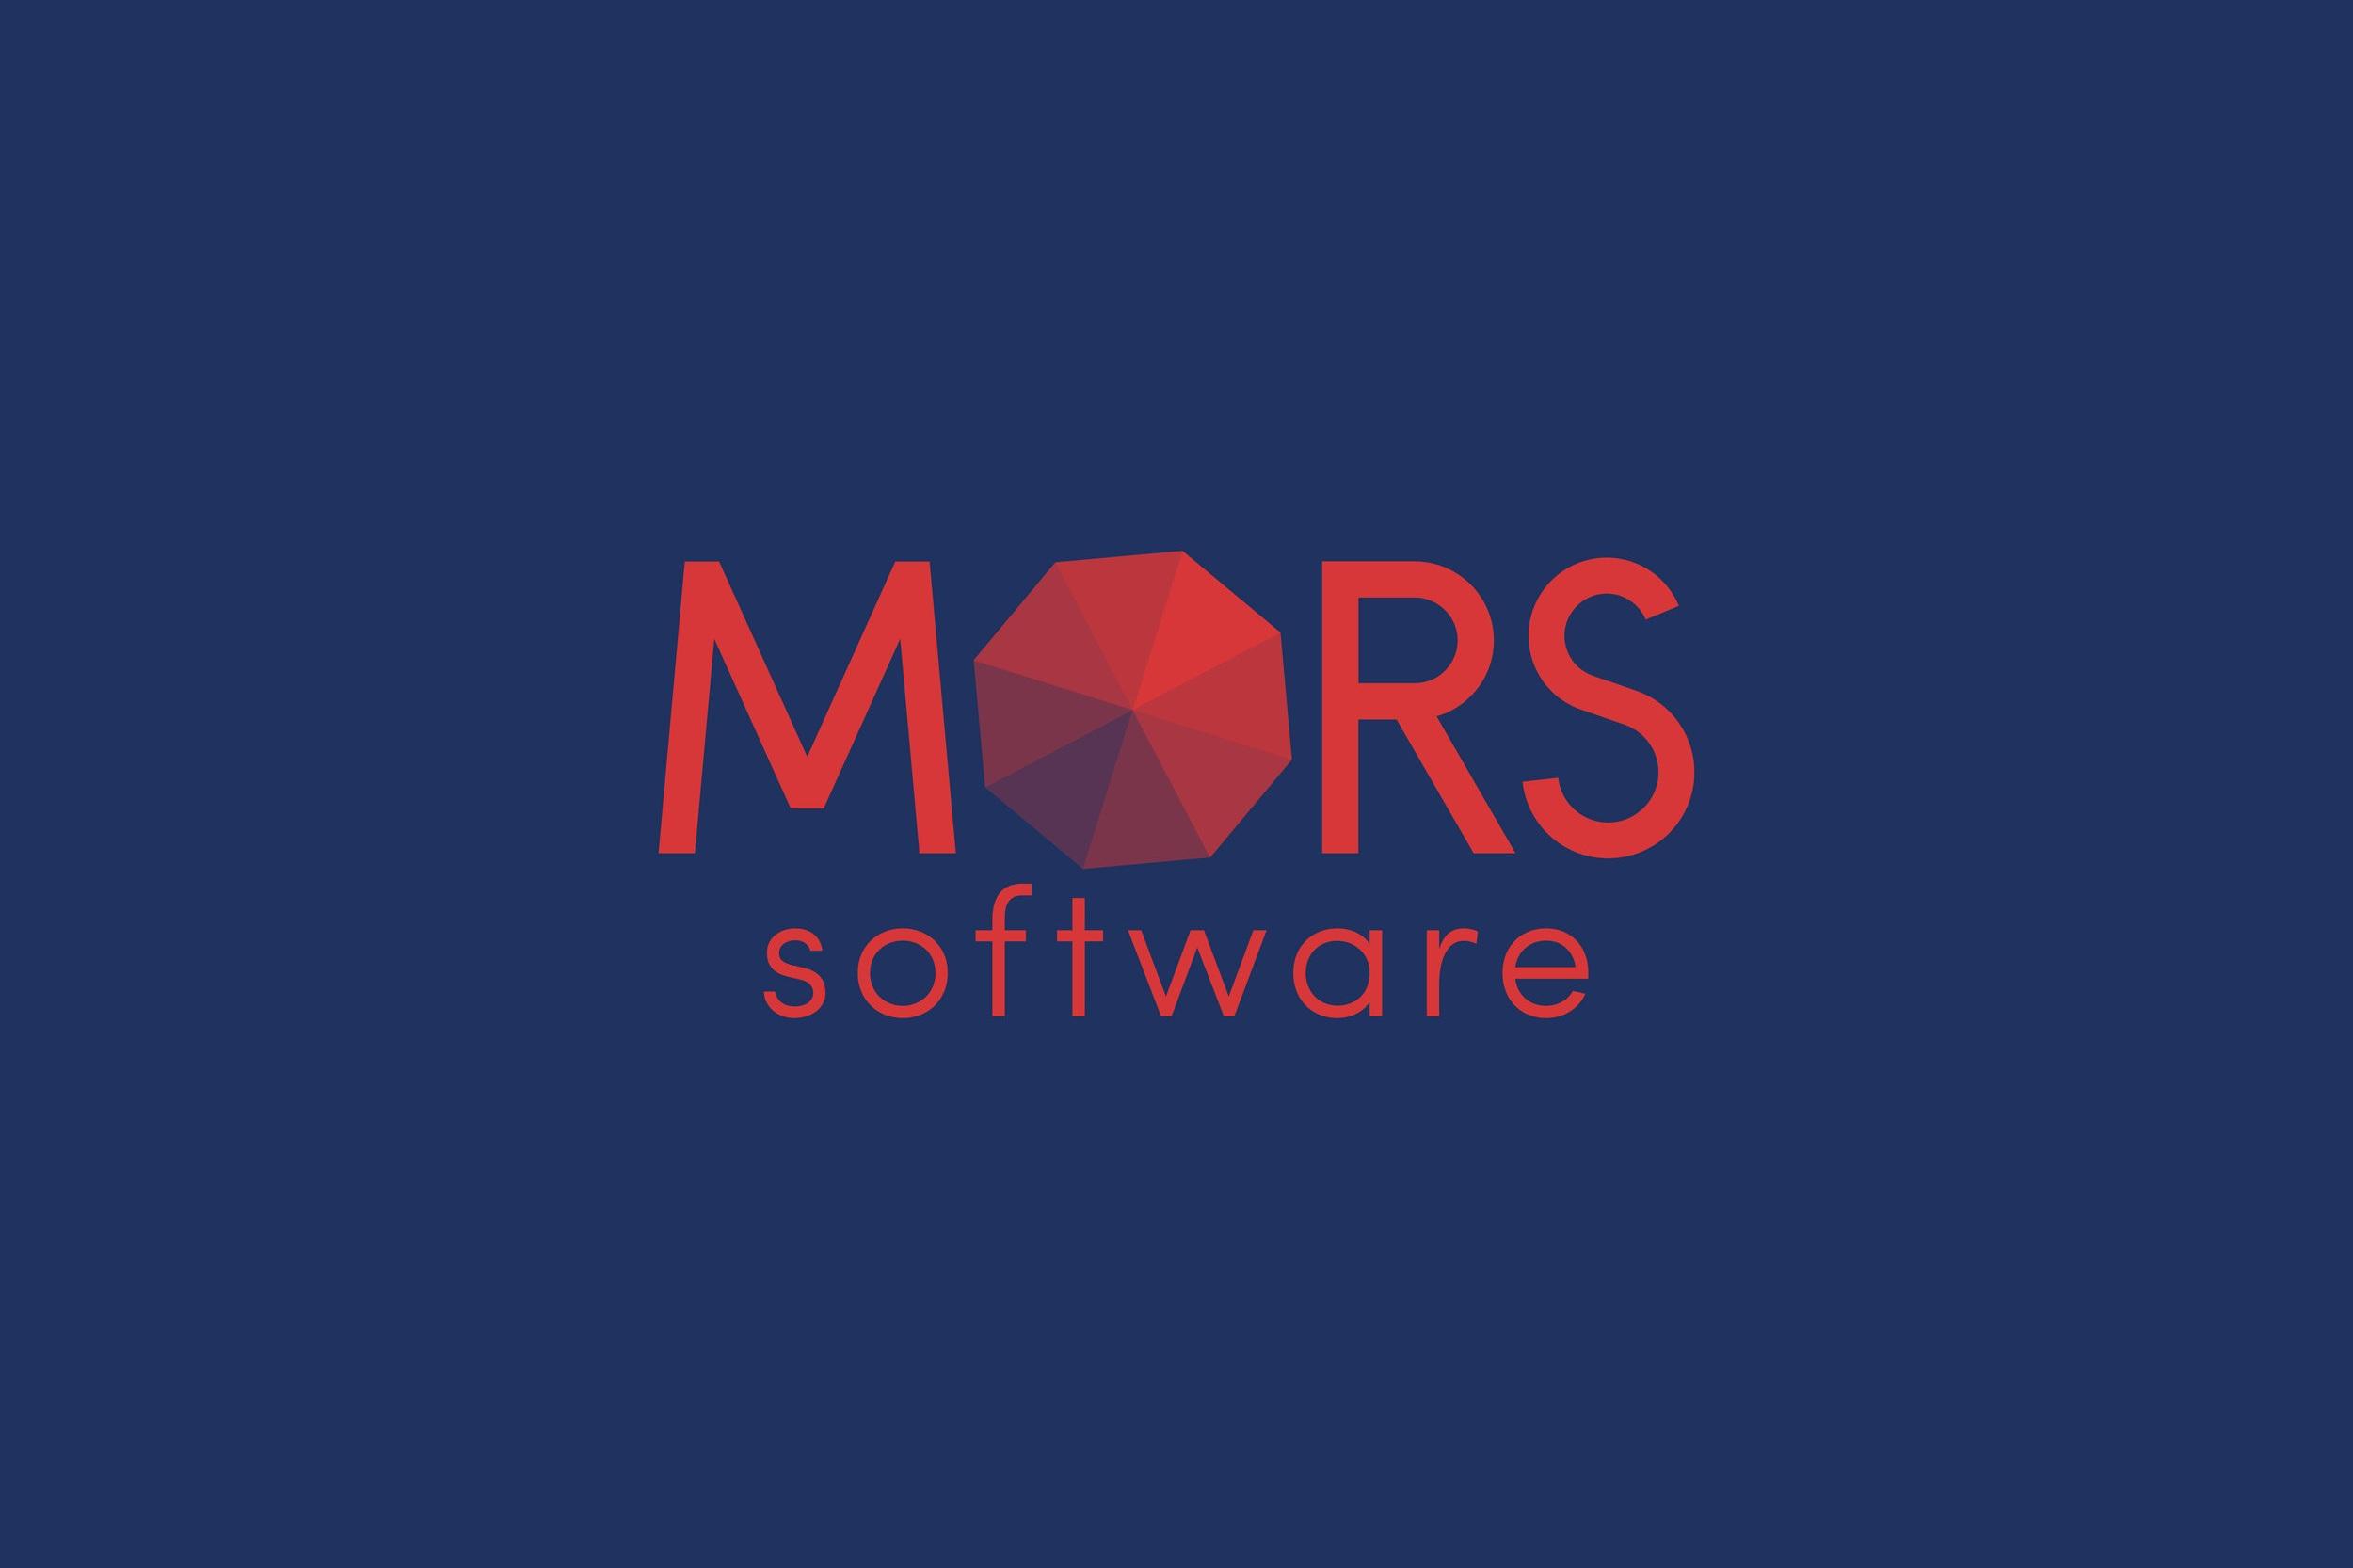 MORS+logo-02.jpg